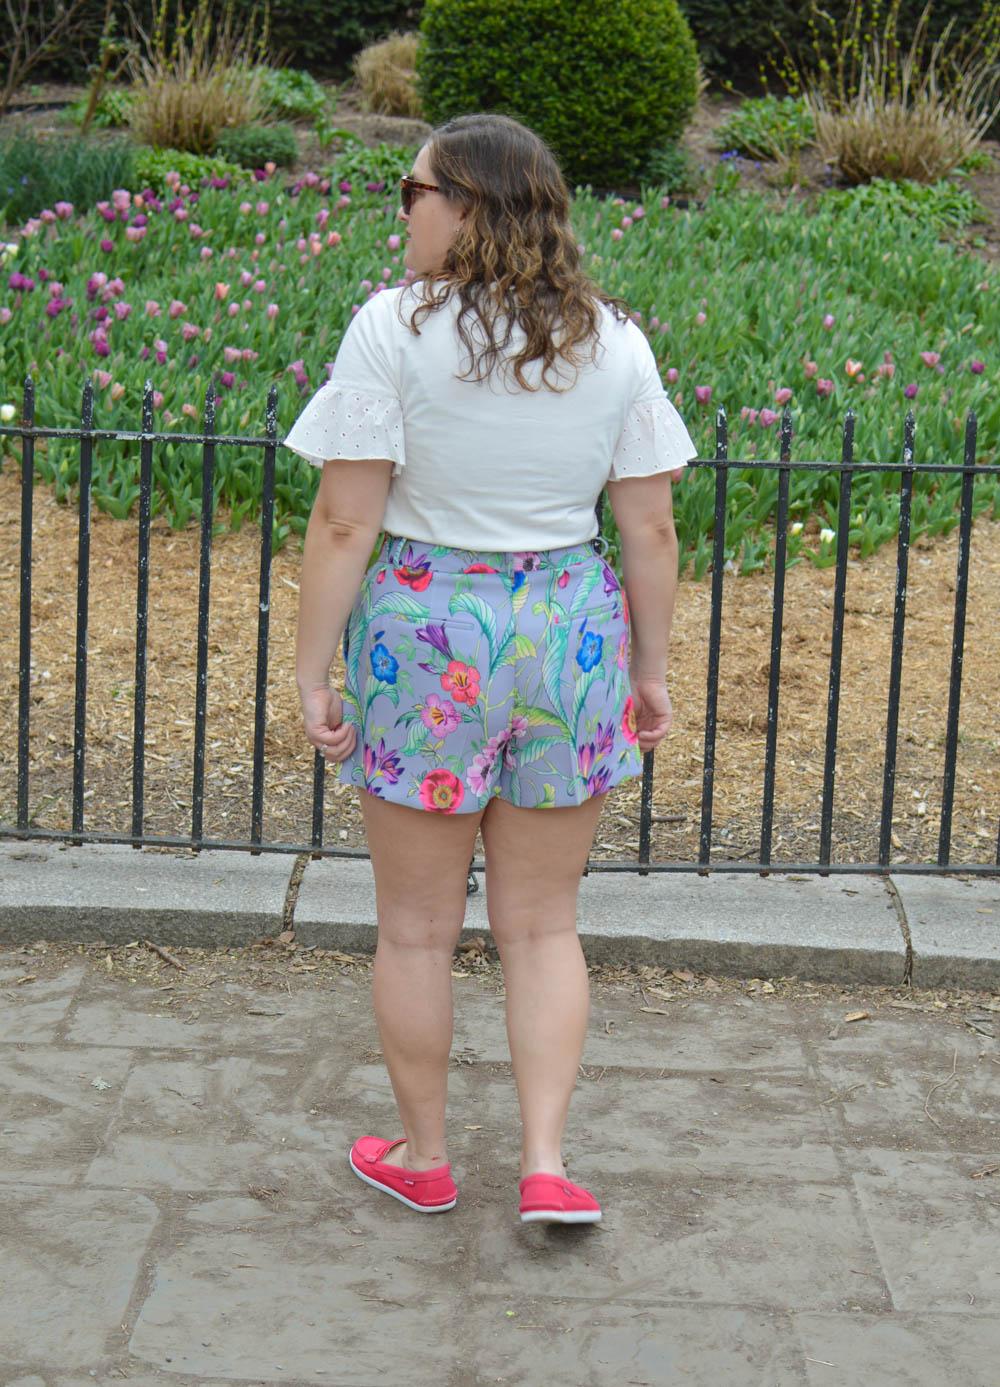 Flattering floral shorts